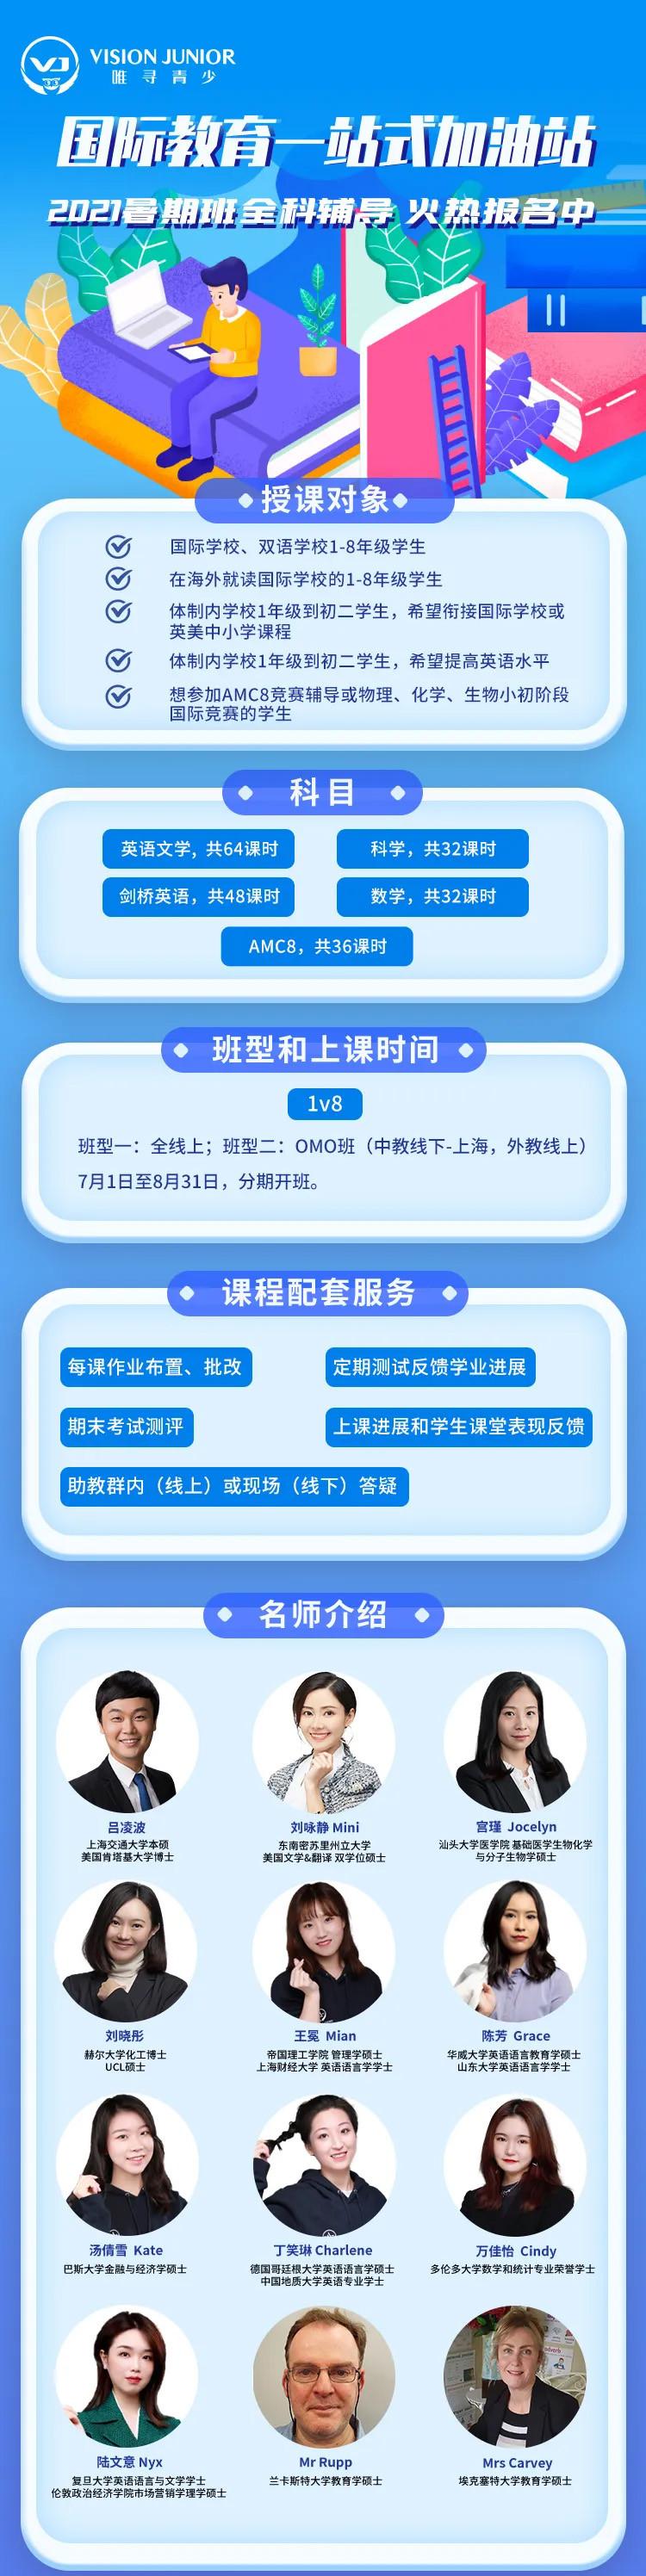 怎么样才能达到上海包玉刚实验学校入学条件 这个测试20分钟就能帮你搞定内容图片_3